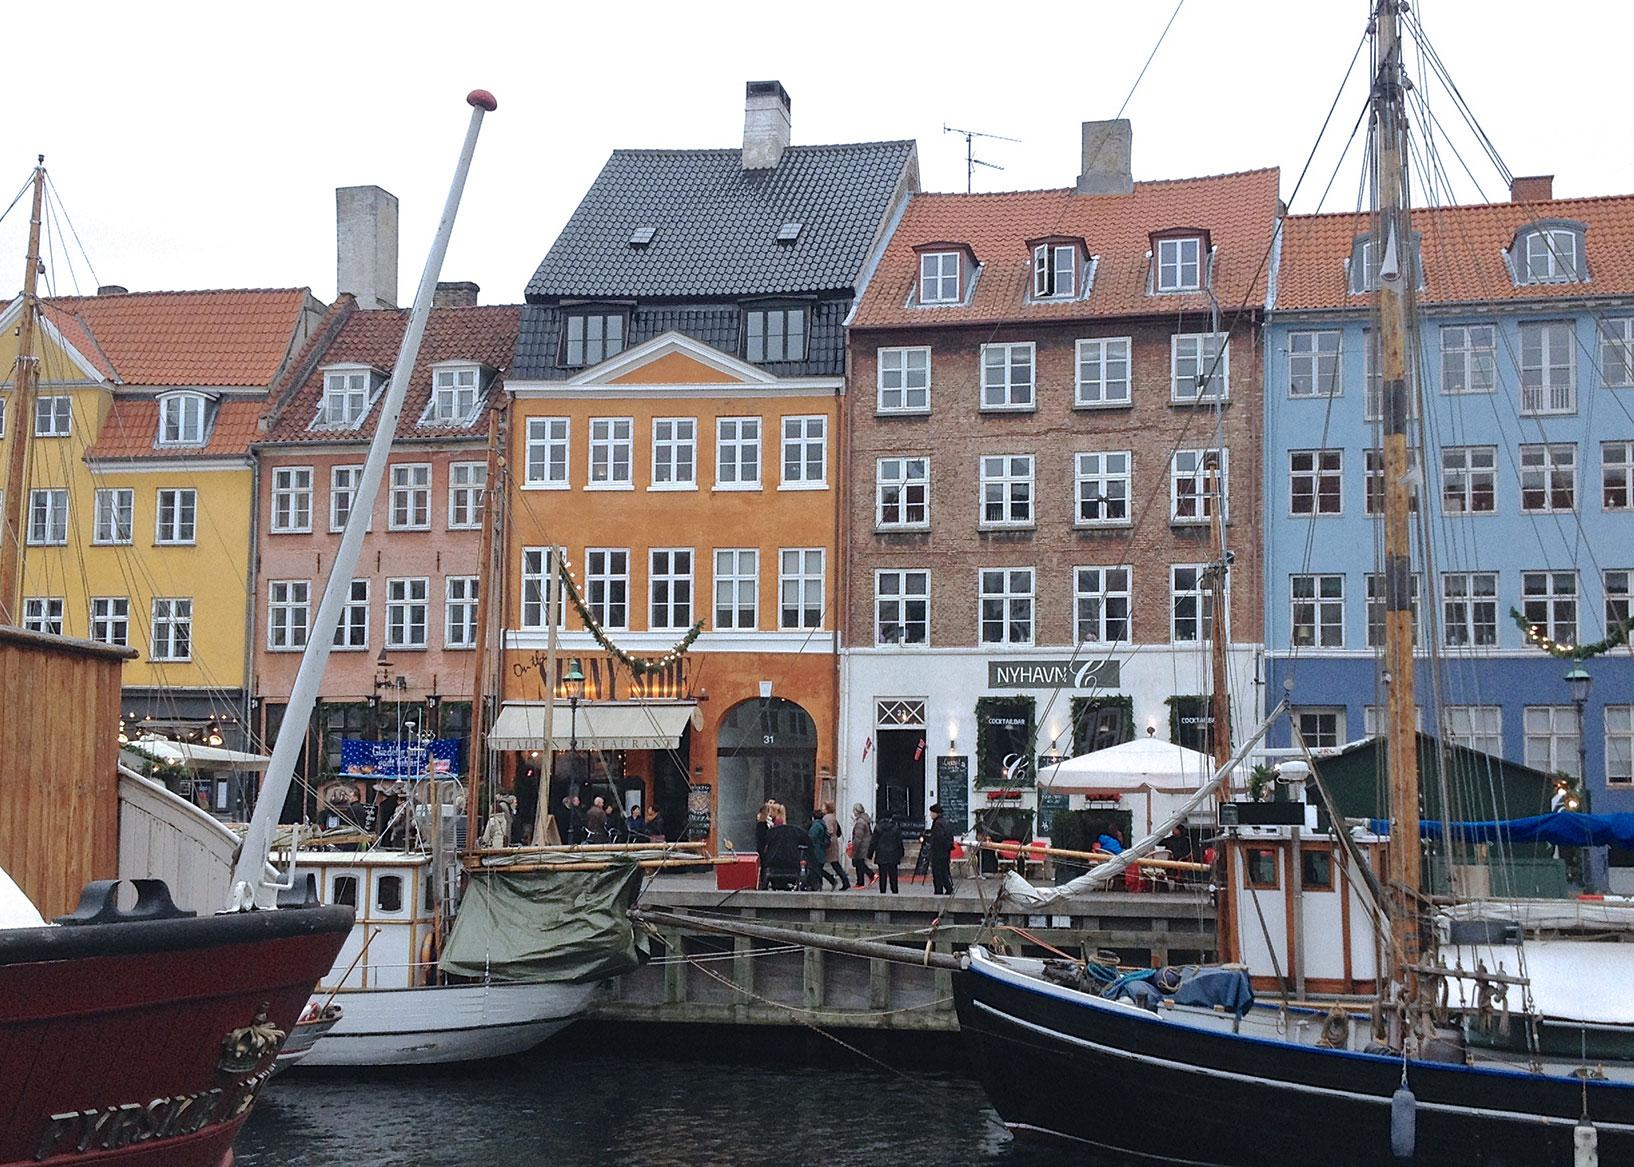 Nyhavn-2-Copenhagen